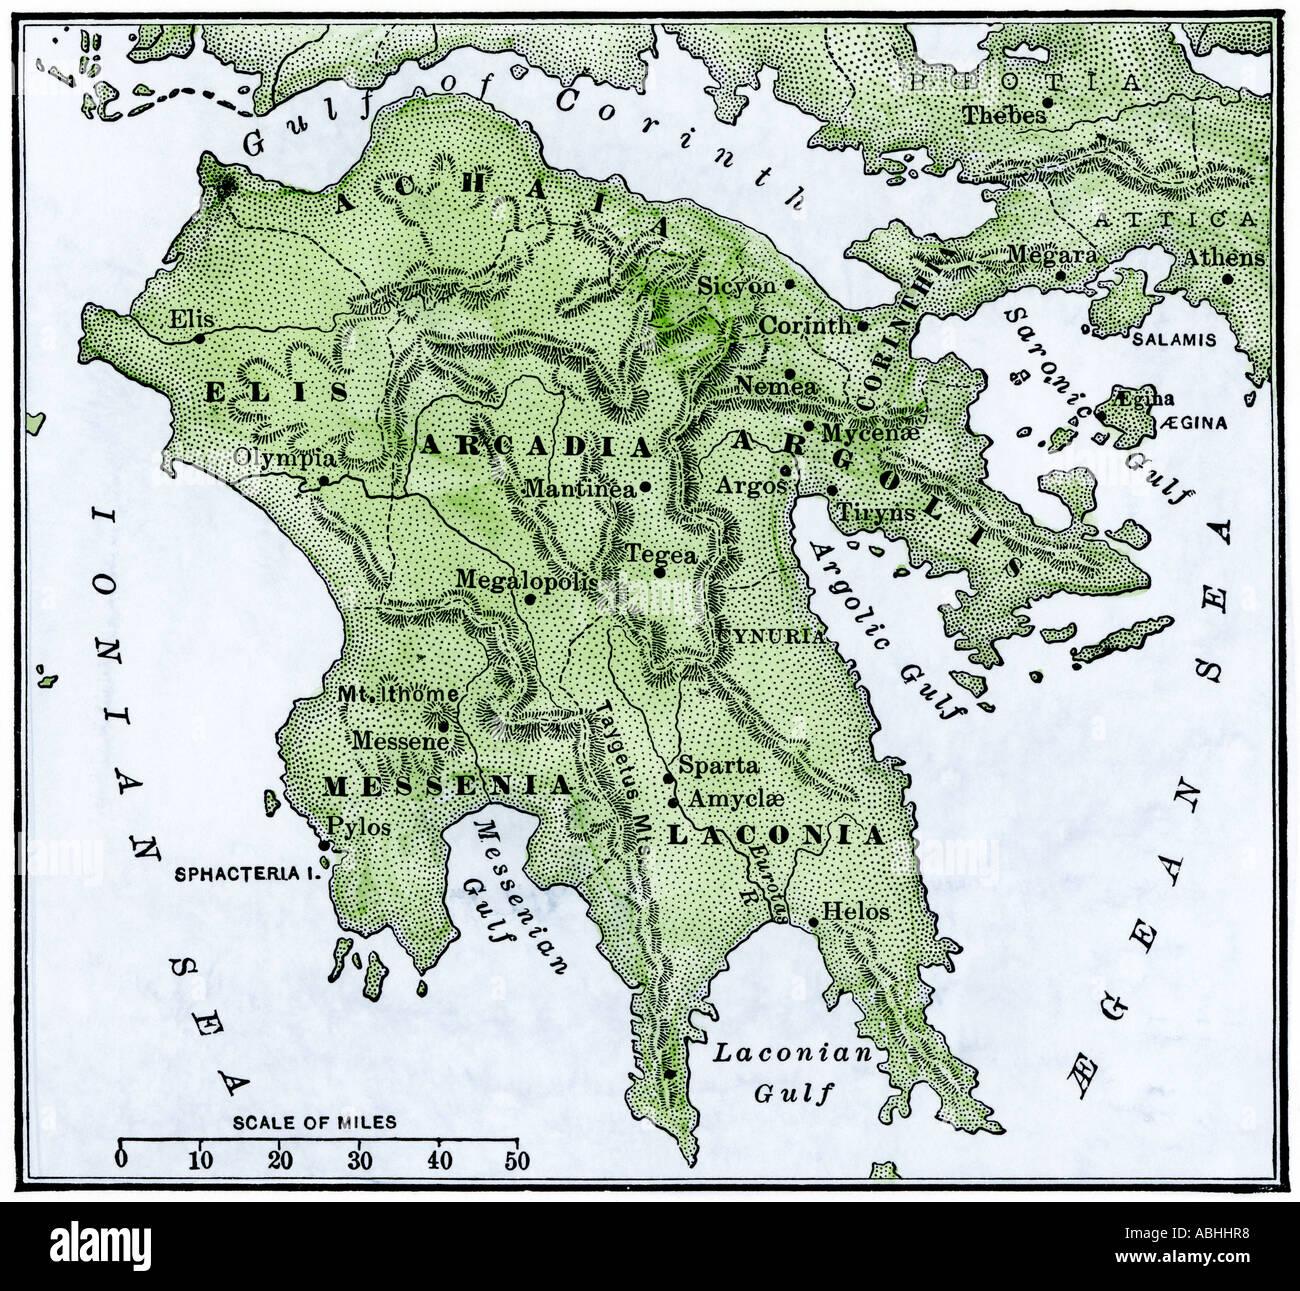 Peloponnes Karte.Karte Der Peloponnes Antike Griechenland Hand Farbige Holzschnitt